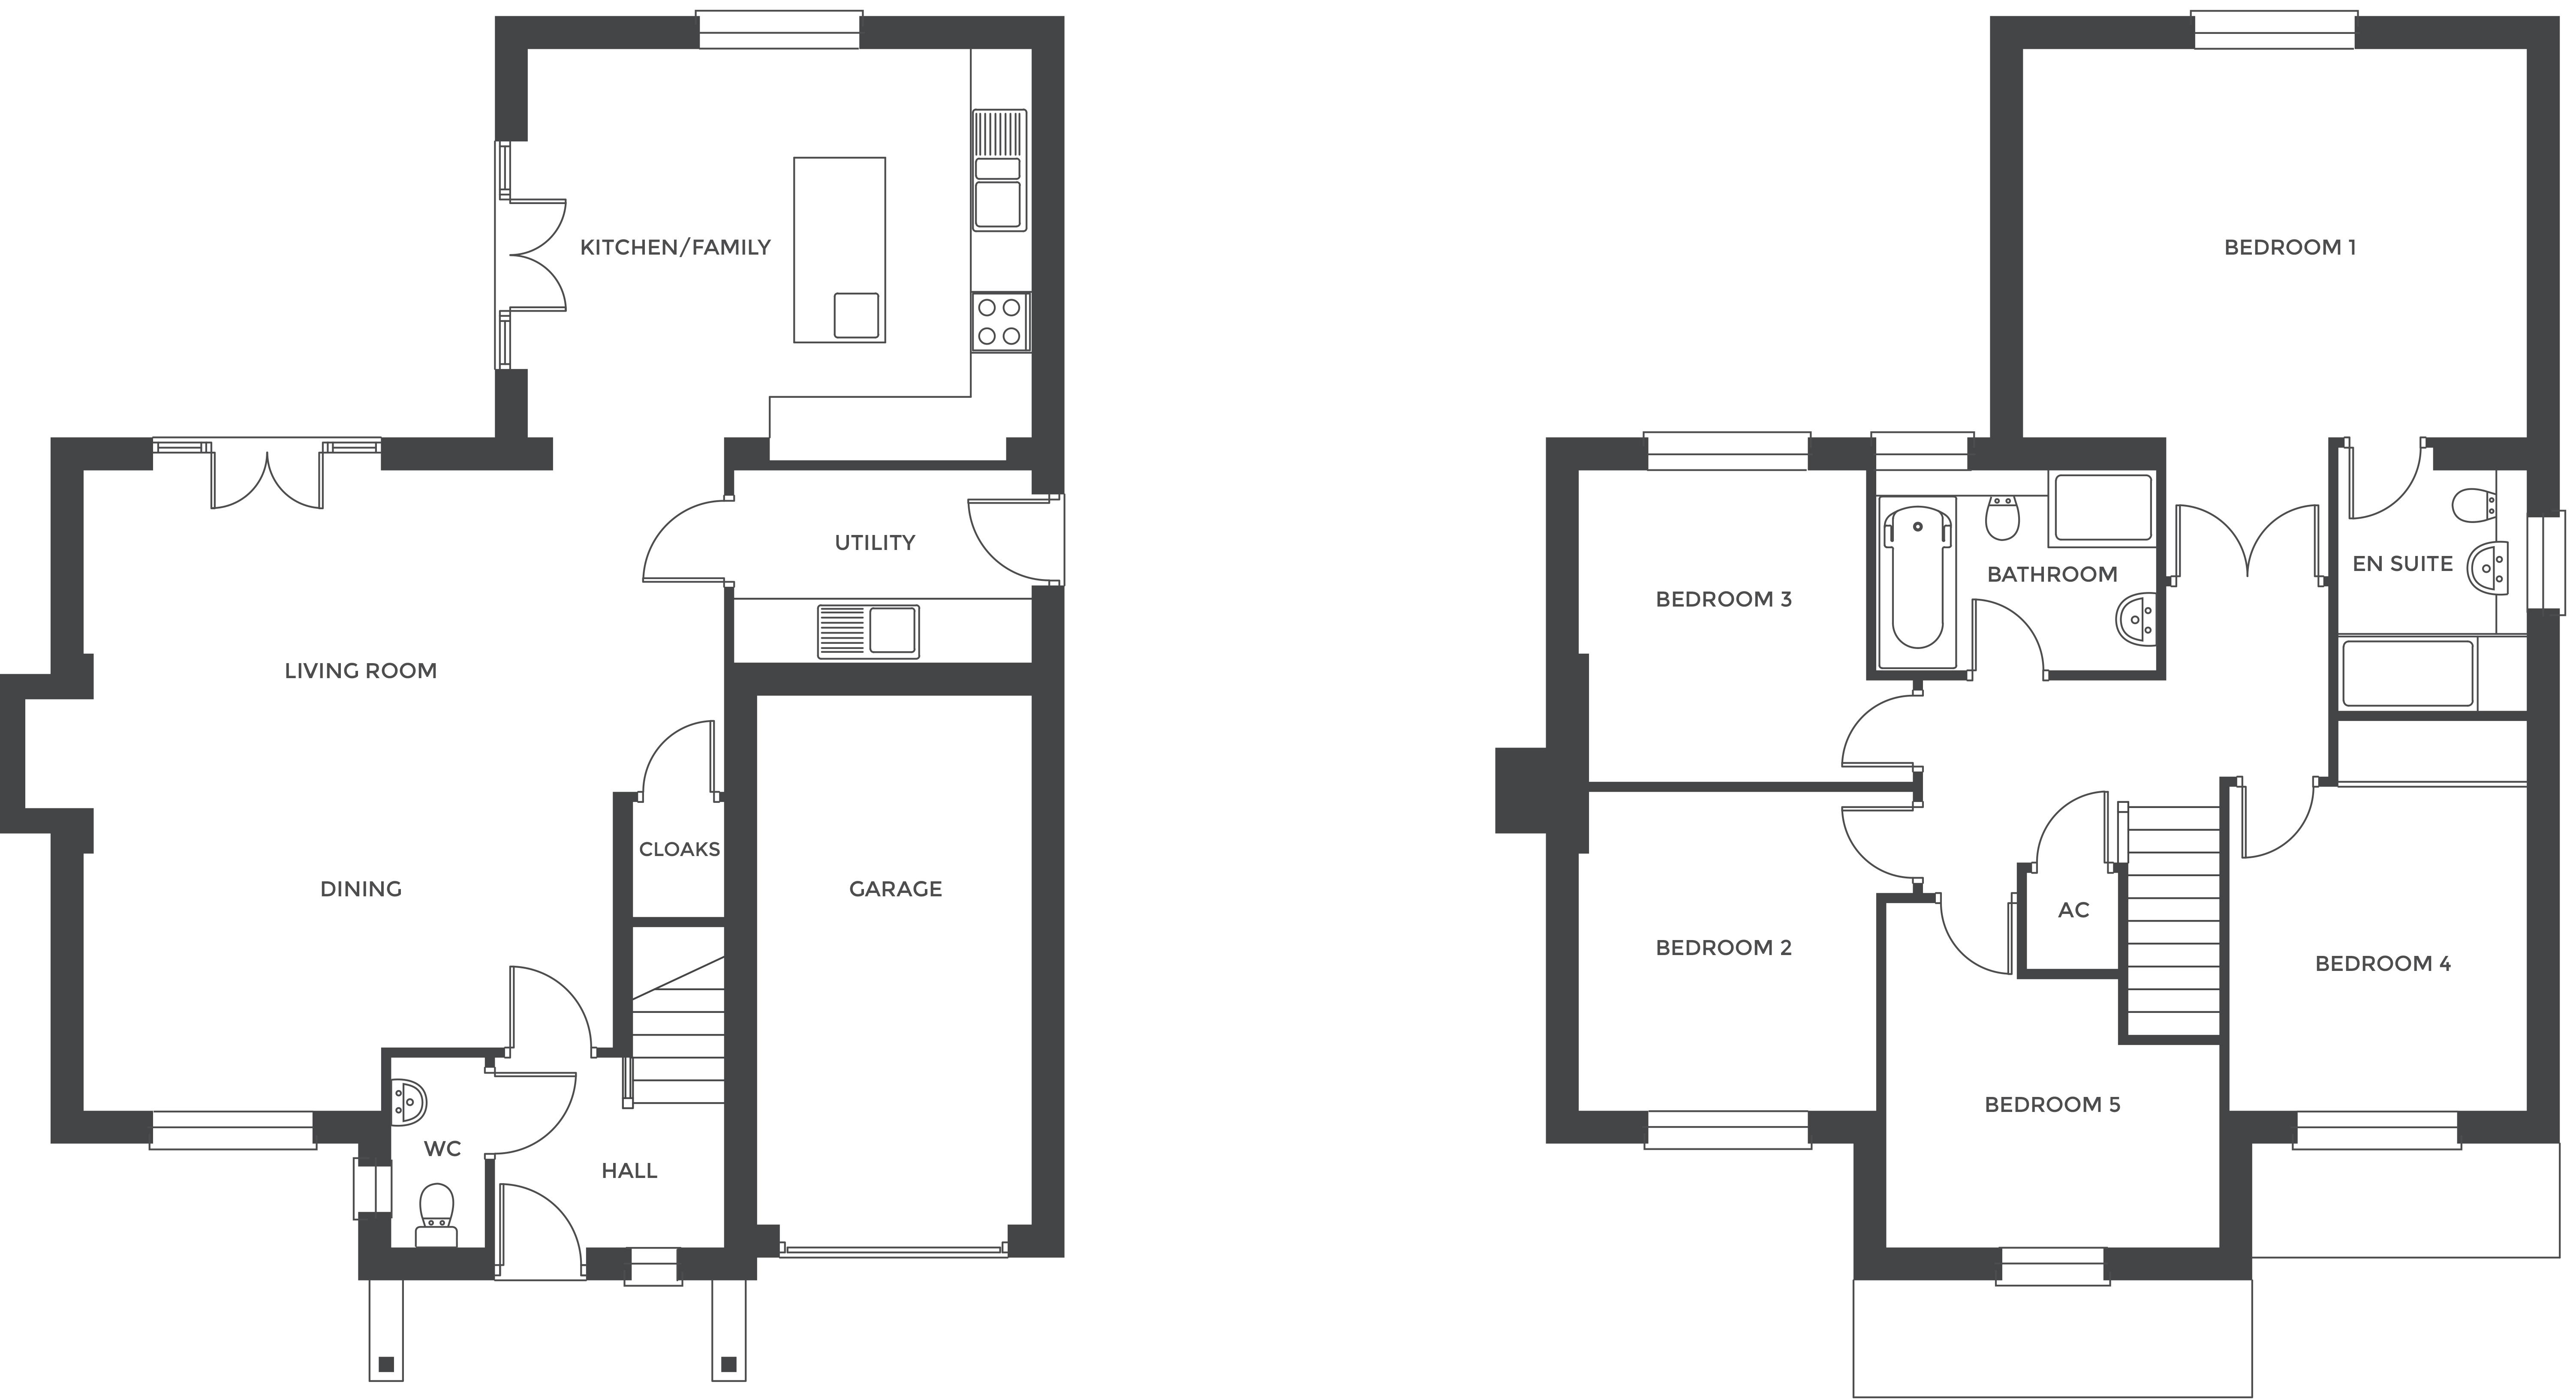 Hathorn Manor, Plot 9 floor plan